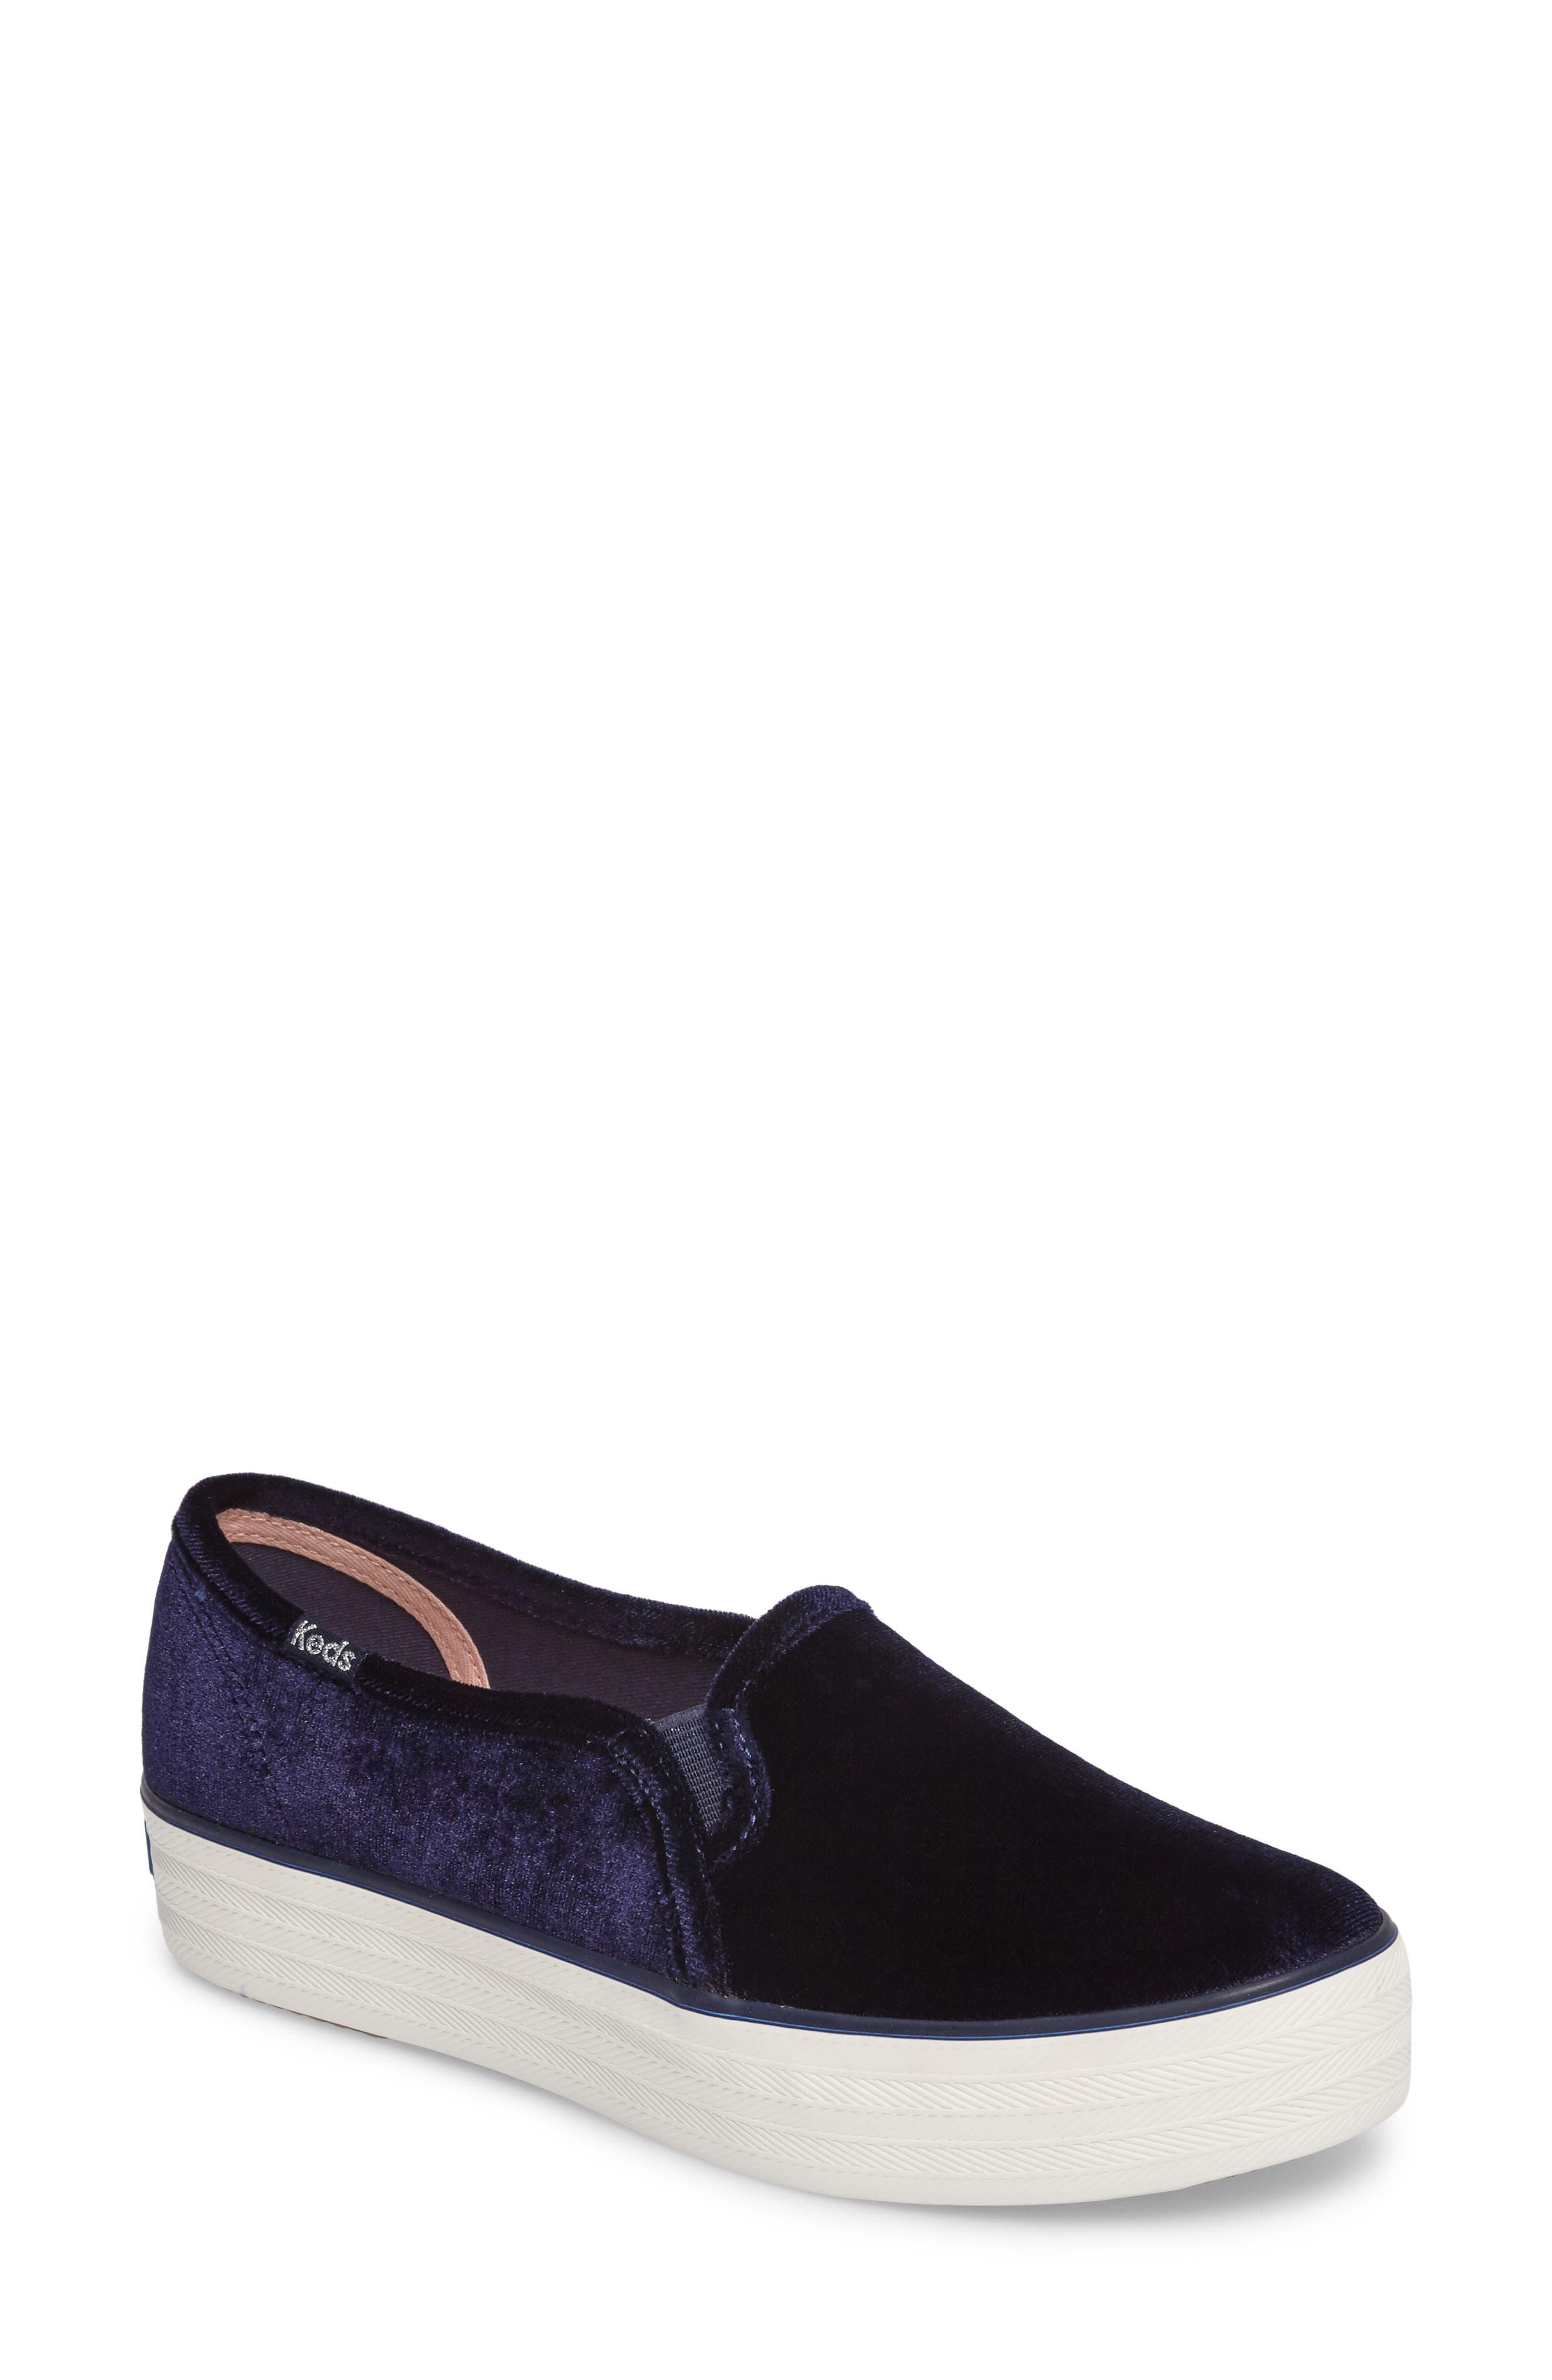 Triple Decker Slip-On Platform Sneaker,                             Main thumbnail 1, color,                             Navy Velvet